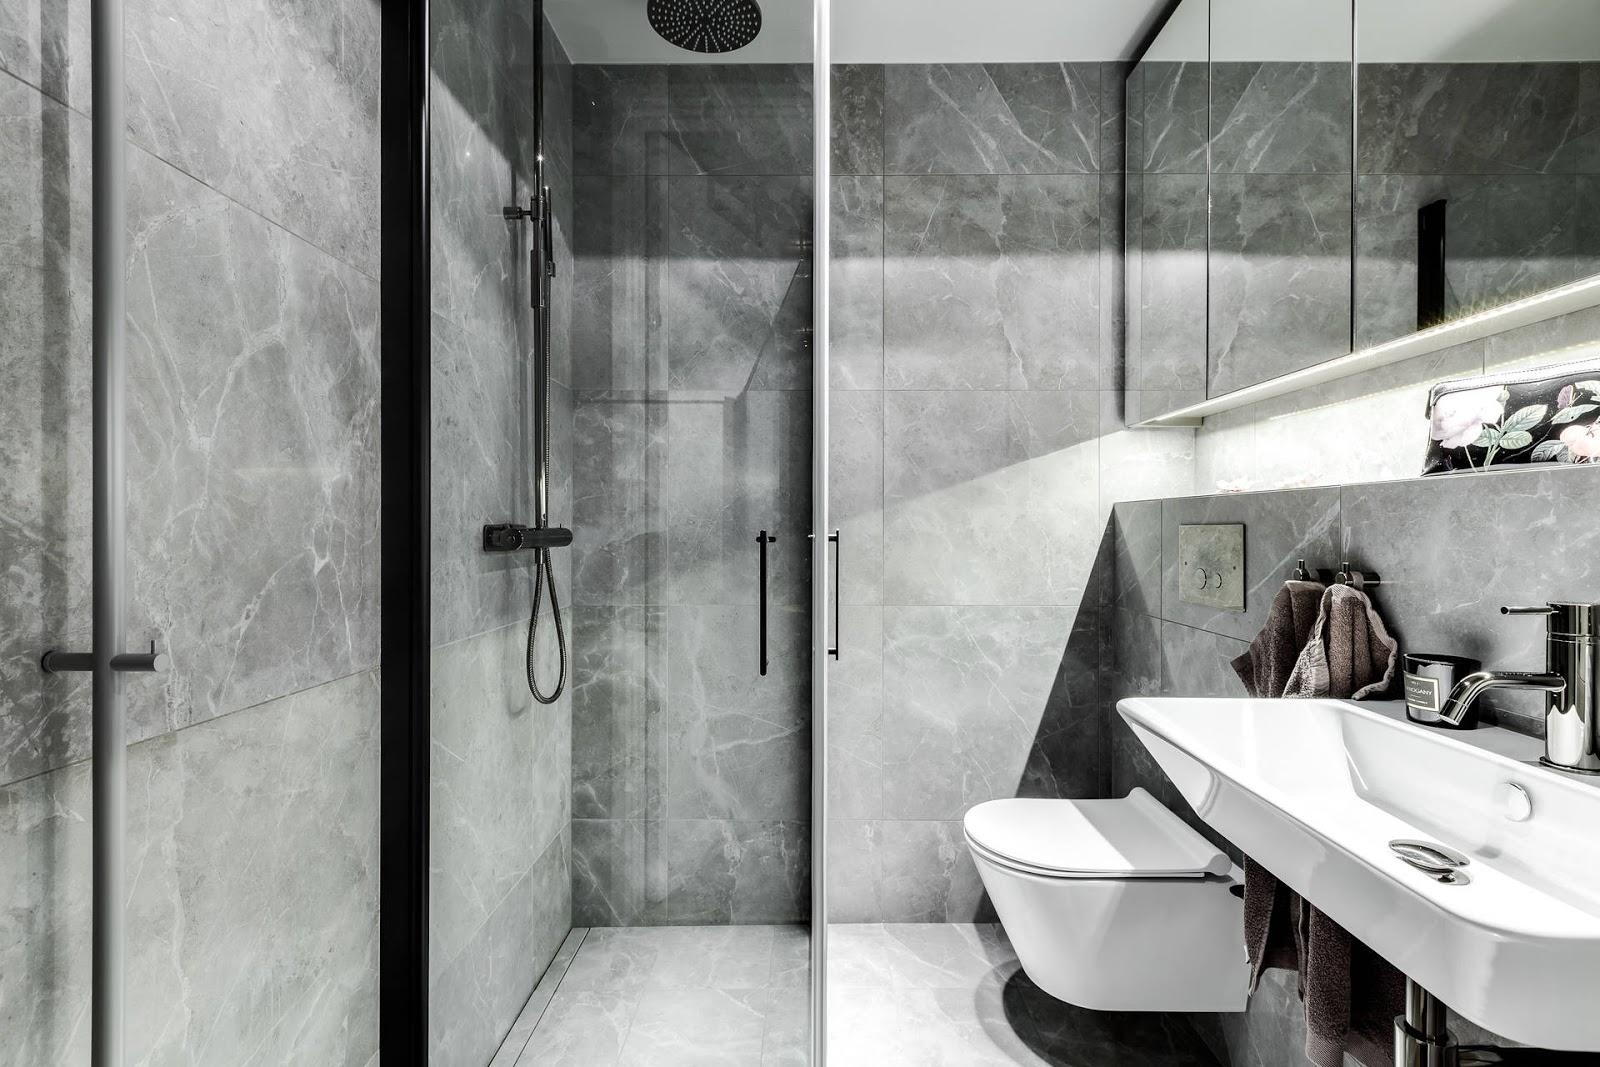 http://www.badkamers-voorbeelden.nl/afbeeldingen/mooie-kleine-badkamer-met-donkere-marmeren-tegels.jpg